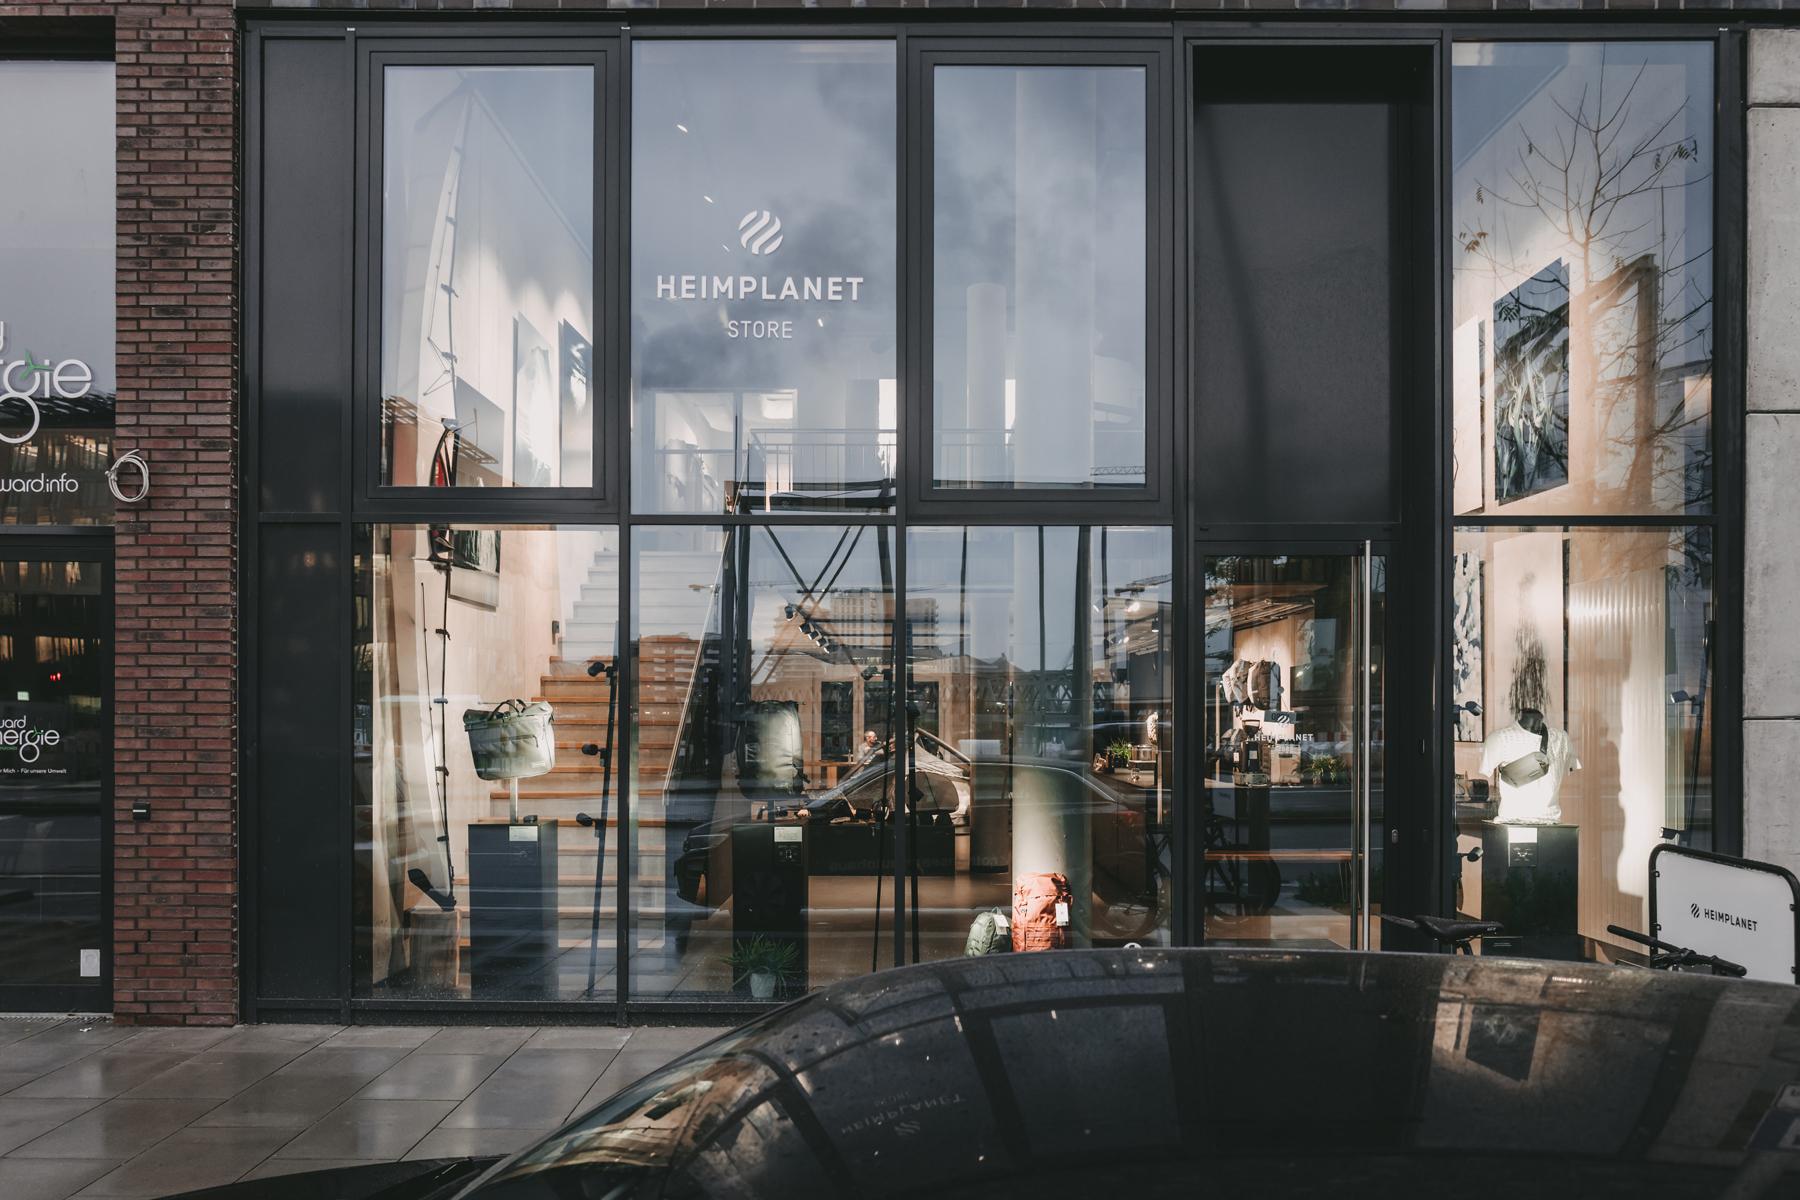 Geheimtipp Hamburg Läden & Produkte Hafencity Heimplanet Dahlina Sophie Kock 11